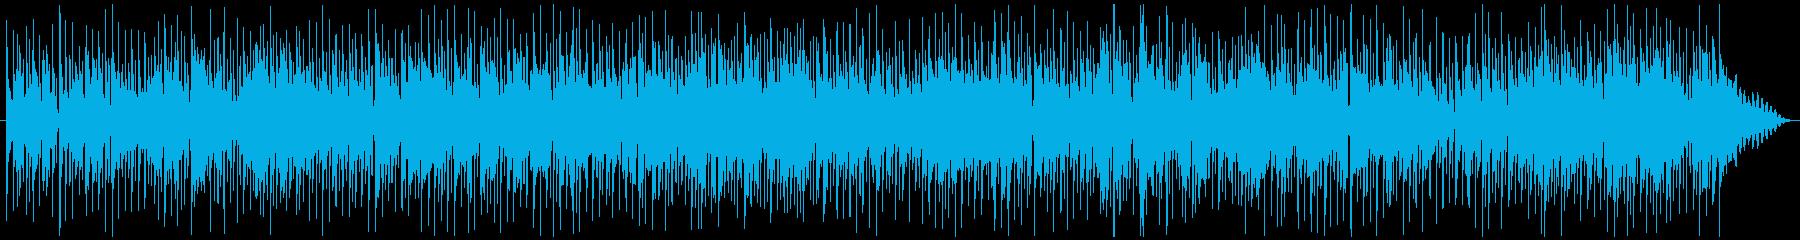 お洒落な夜に似合うギターソロBGMの再生済みの波形